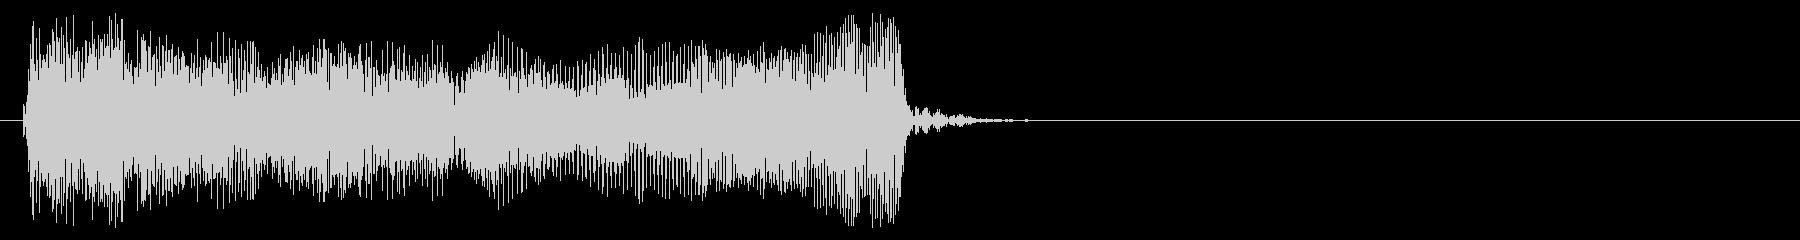 上昇、ミュージカルストレッチ(I....の未再生の波形